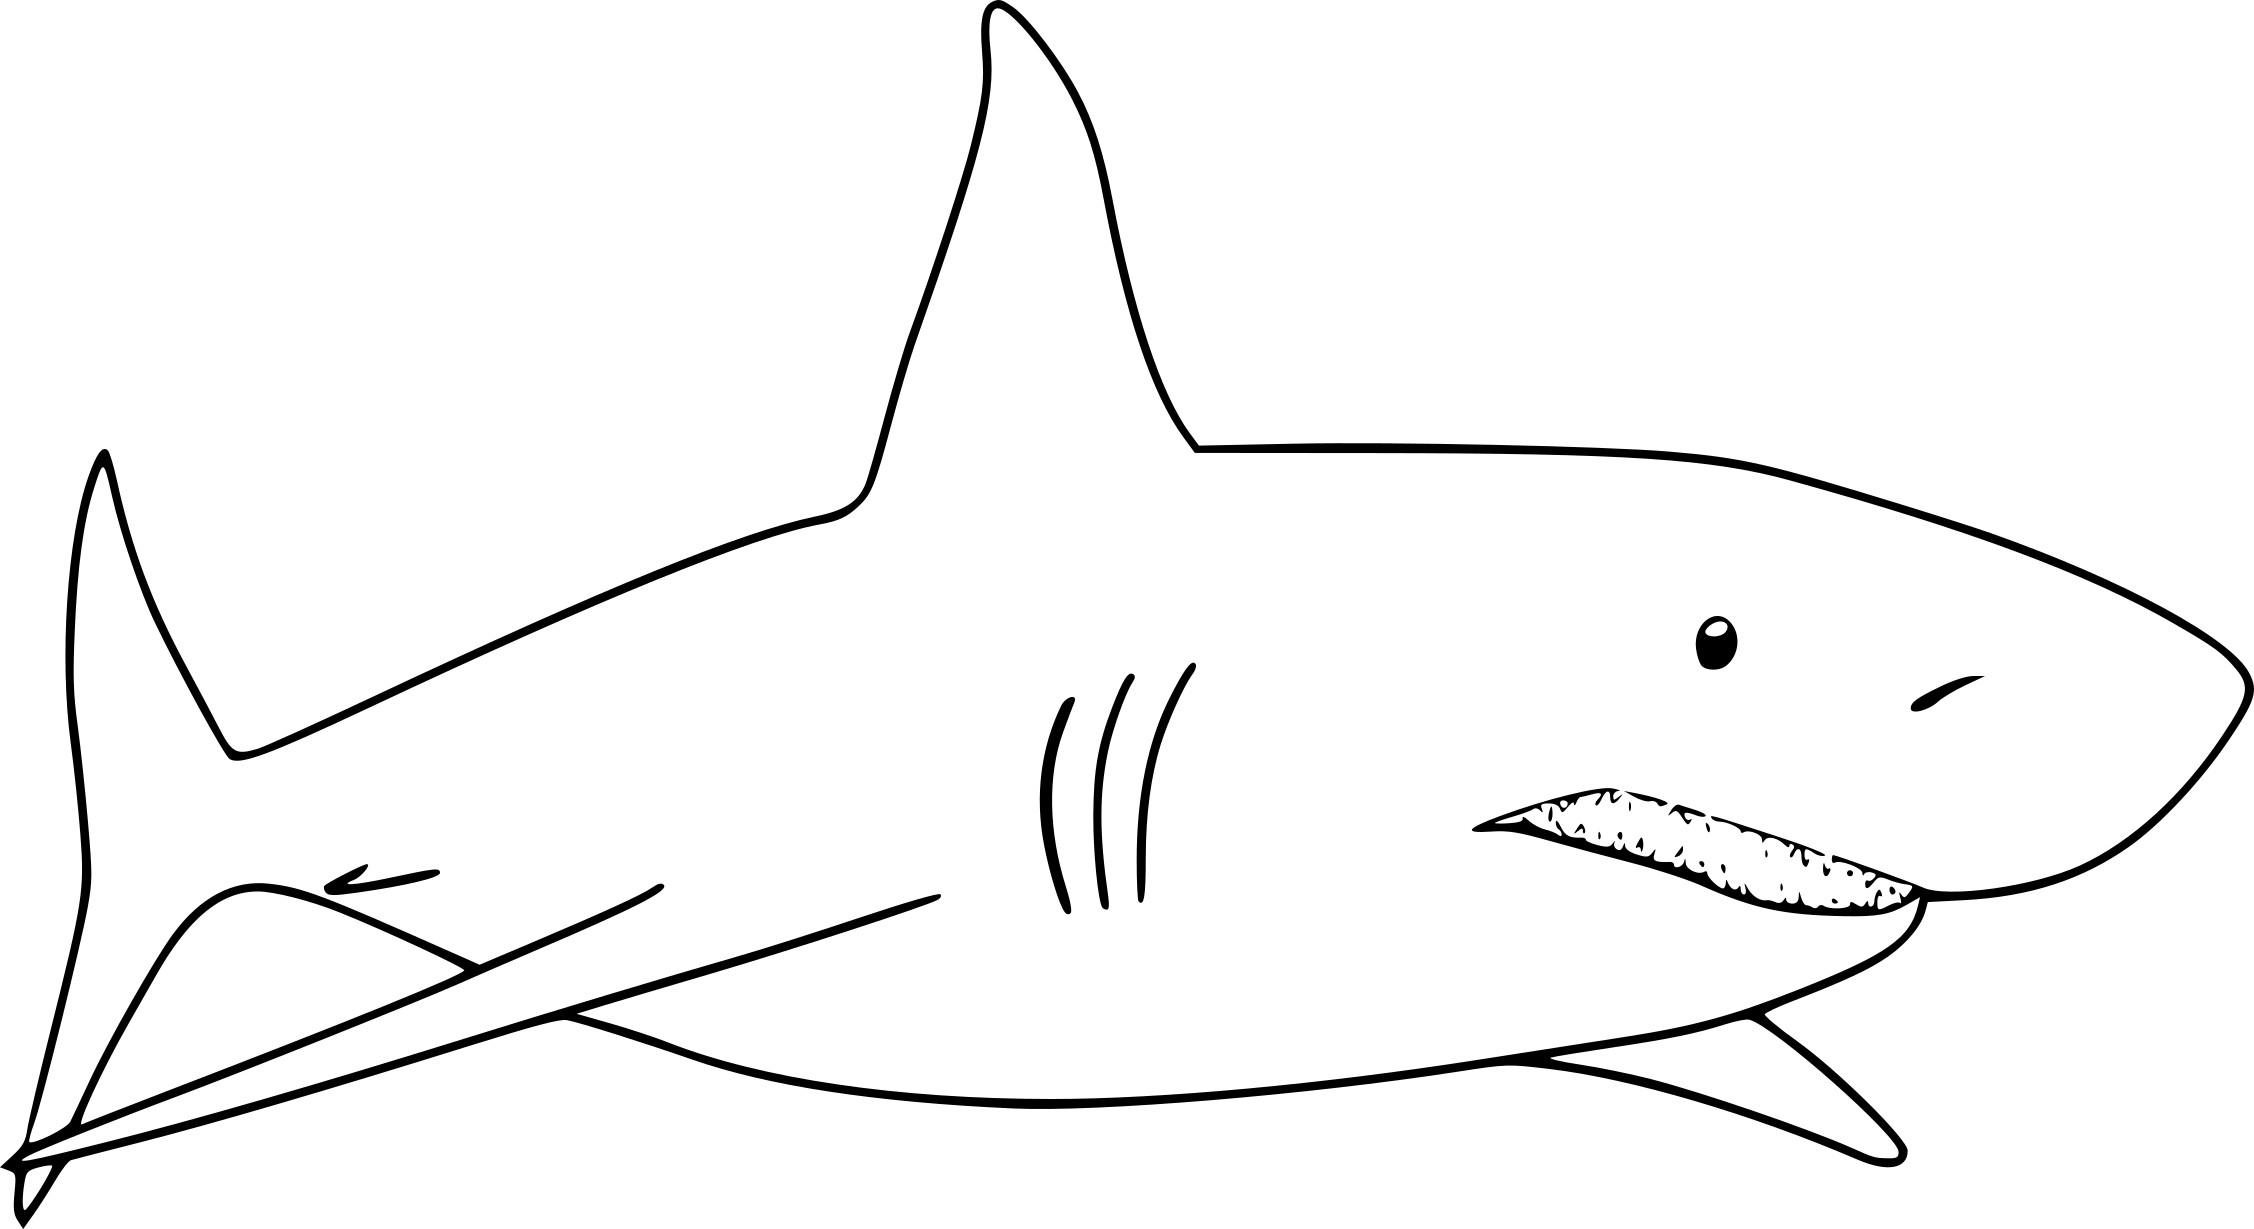 Coloriage De Requin À Imprimer Sur Coloriage De intérieur Dessin De Requin À Imprimer